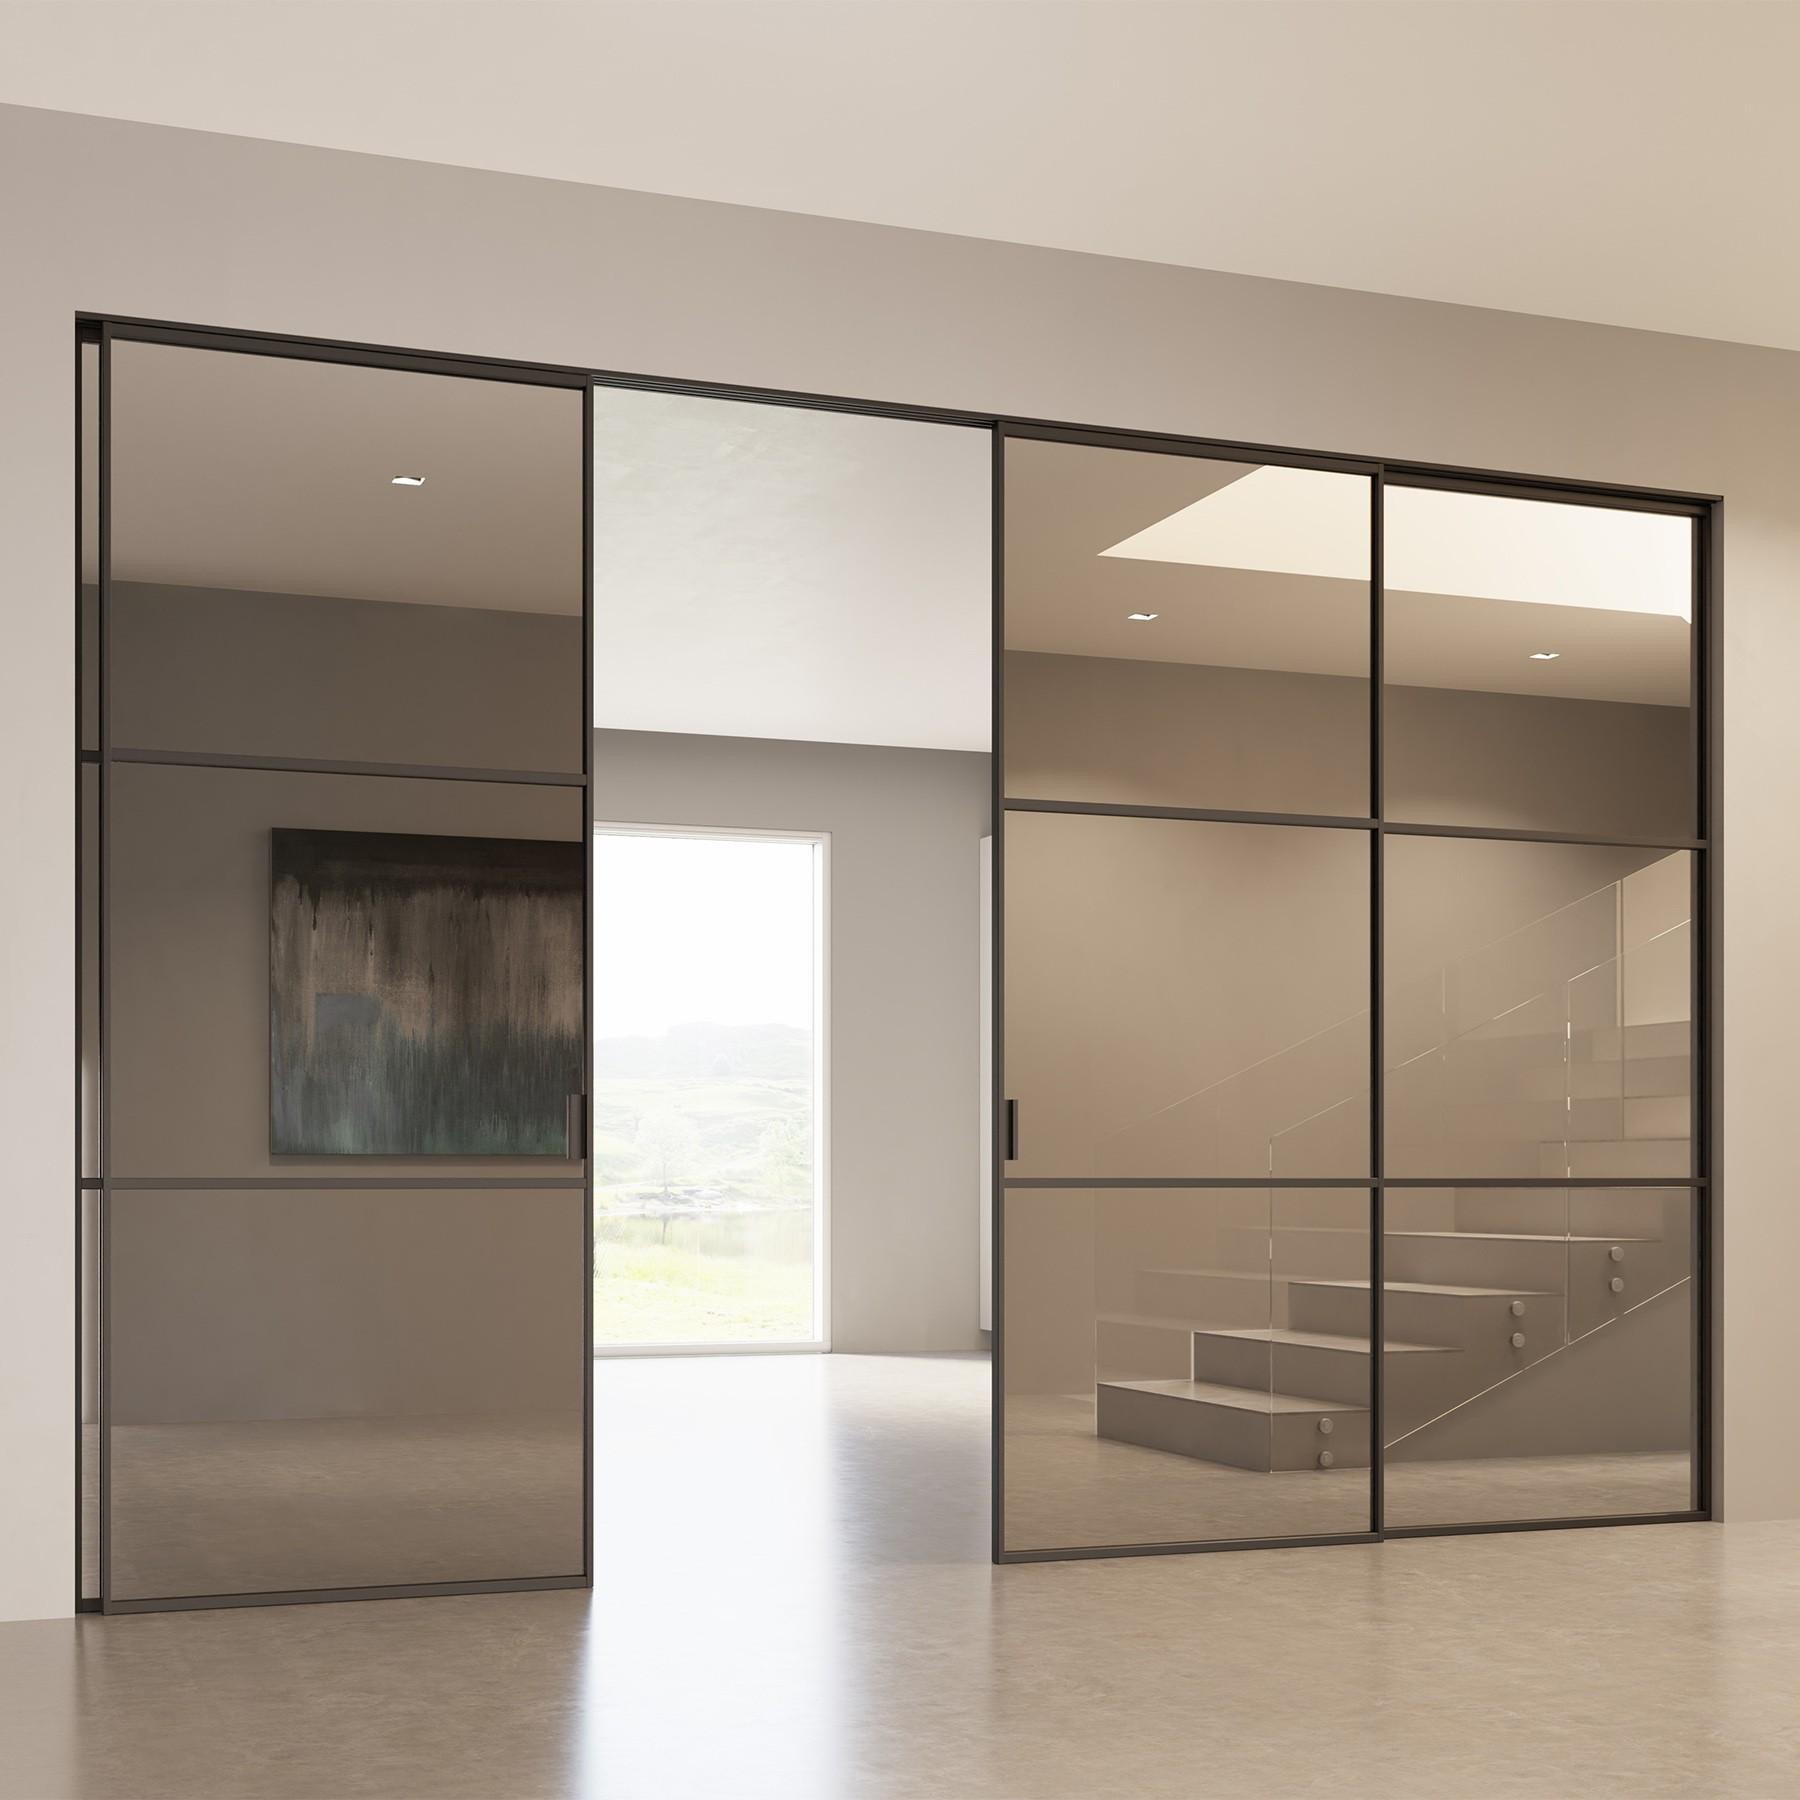 Scenario Delineo / 2 with Mirror classic glass